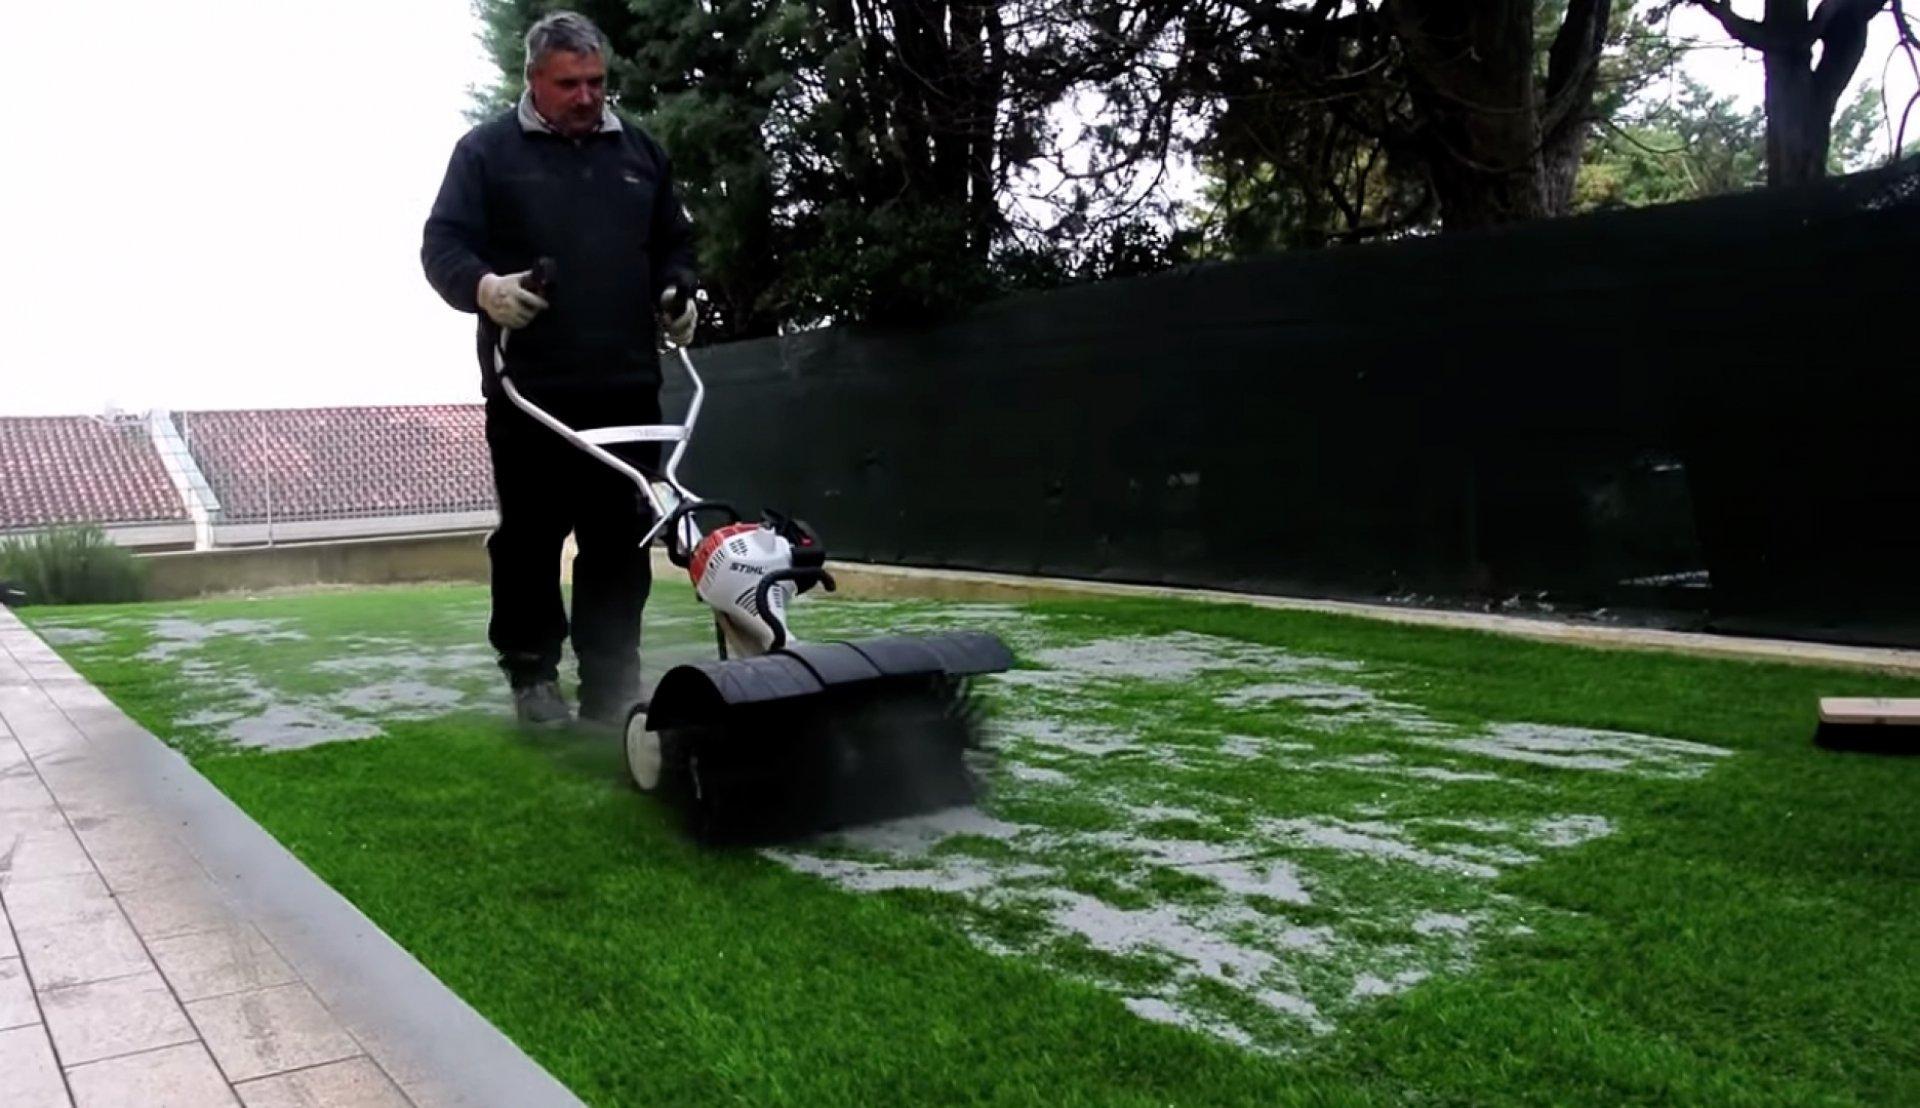 Installazione giardino in erba sintetica senza manutenzione - Erba artificiale per giardini ...